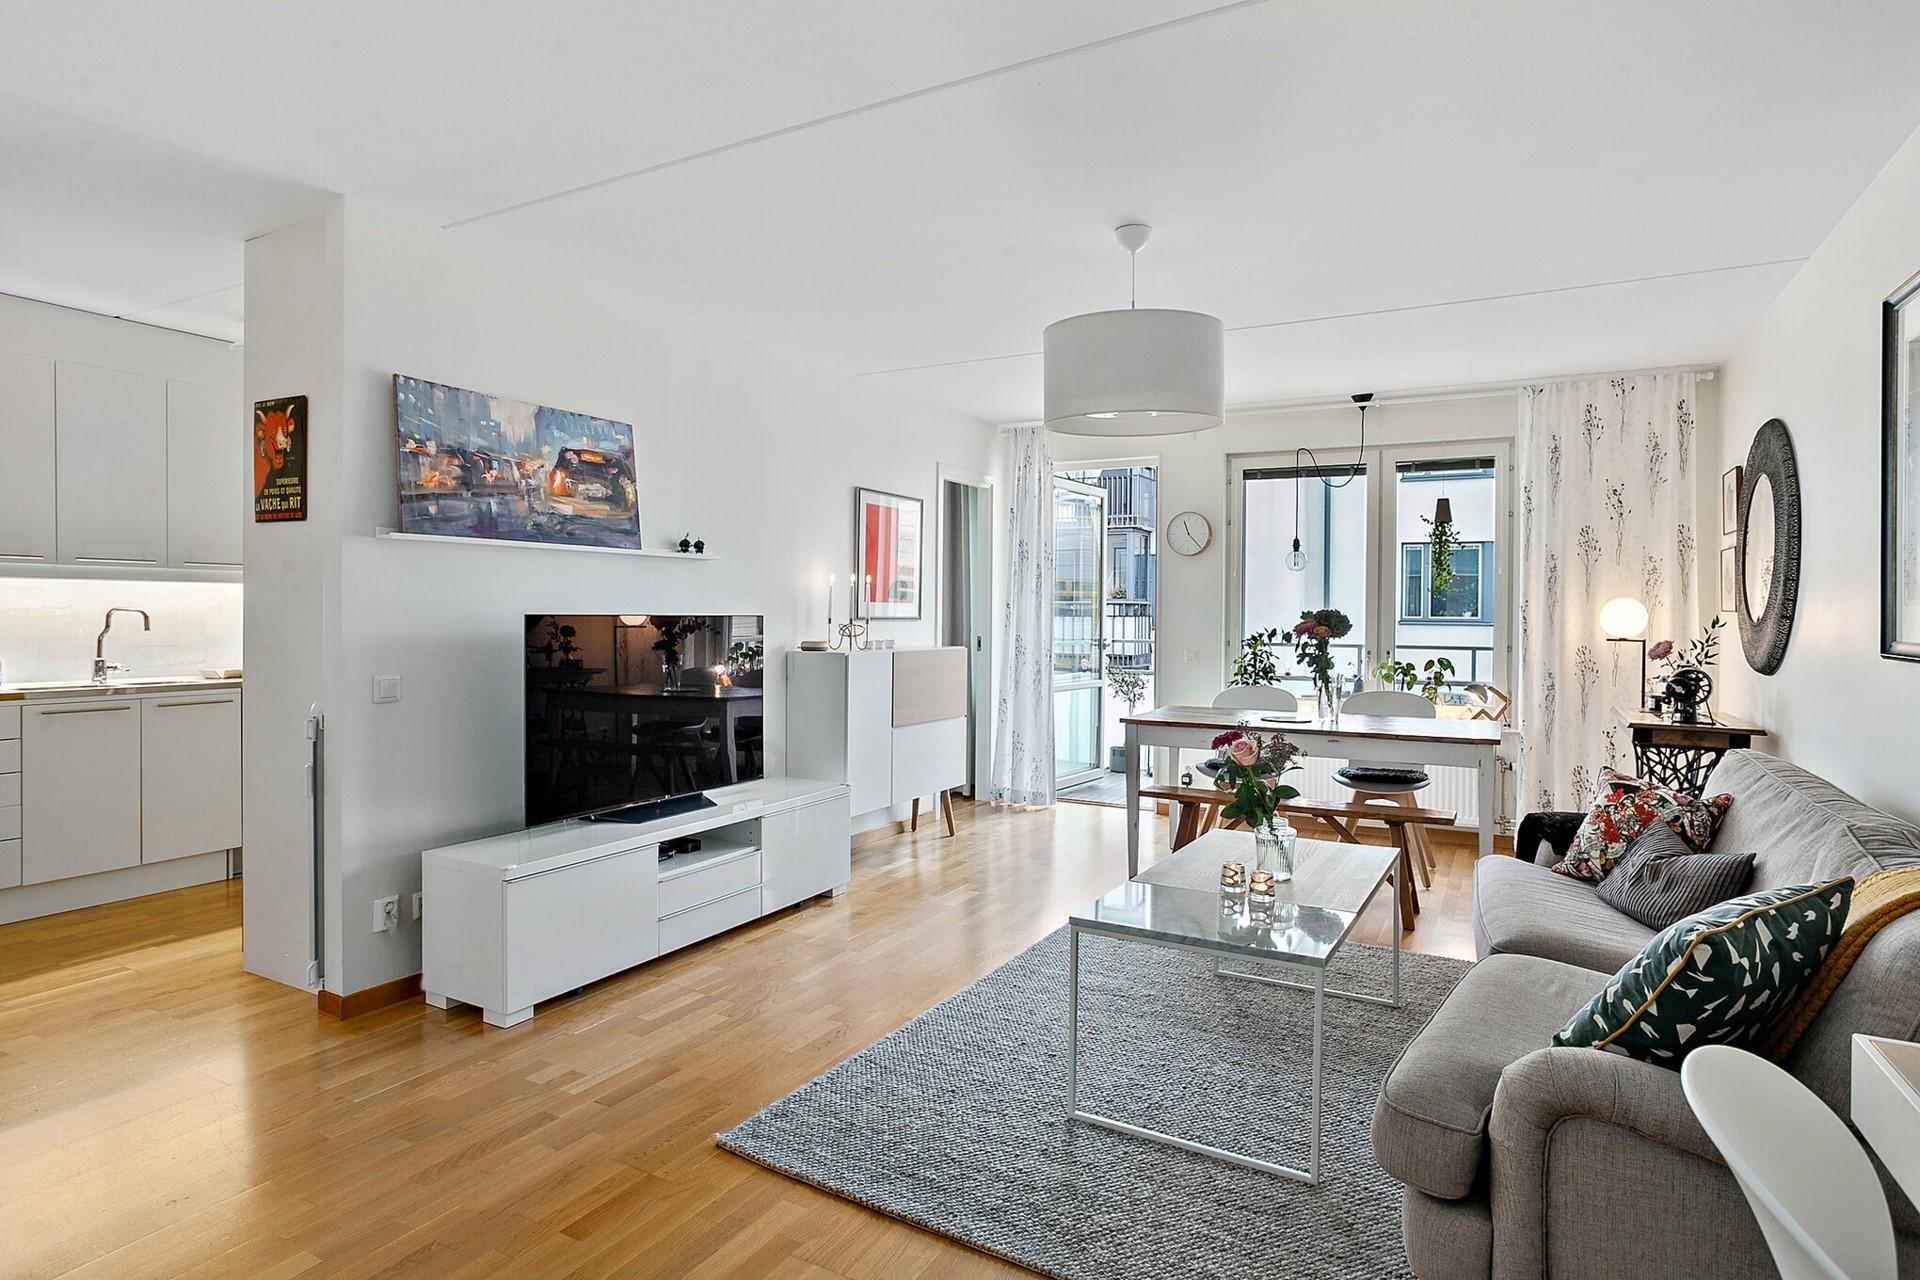 Sjöviksvägen 39, 5tr - Kök och vardagsrum i delvis öppen planlösning.